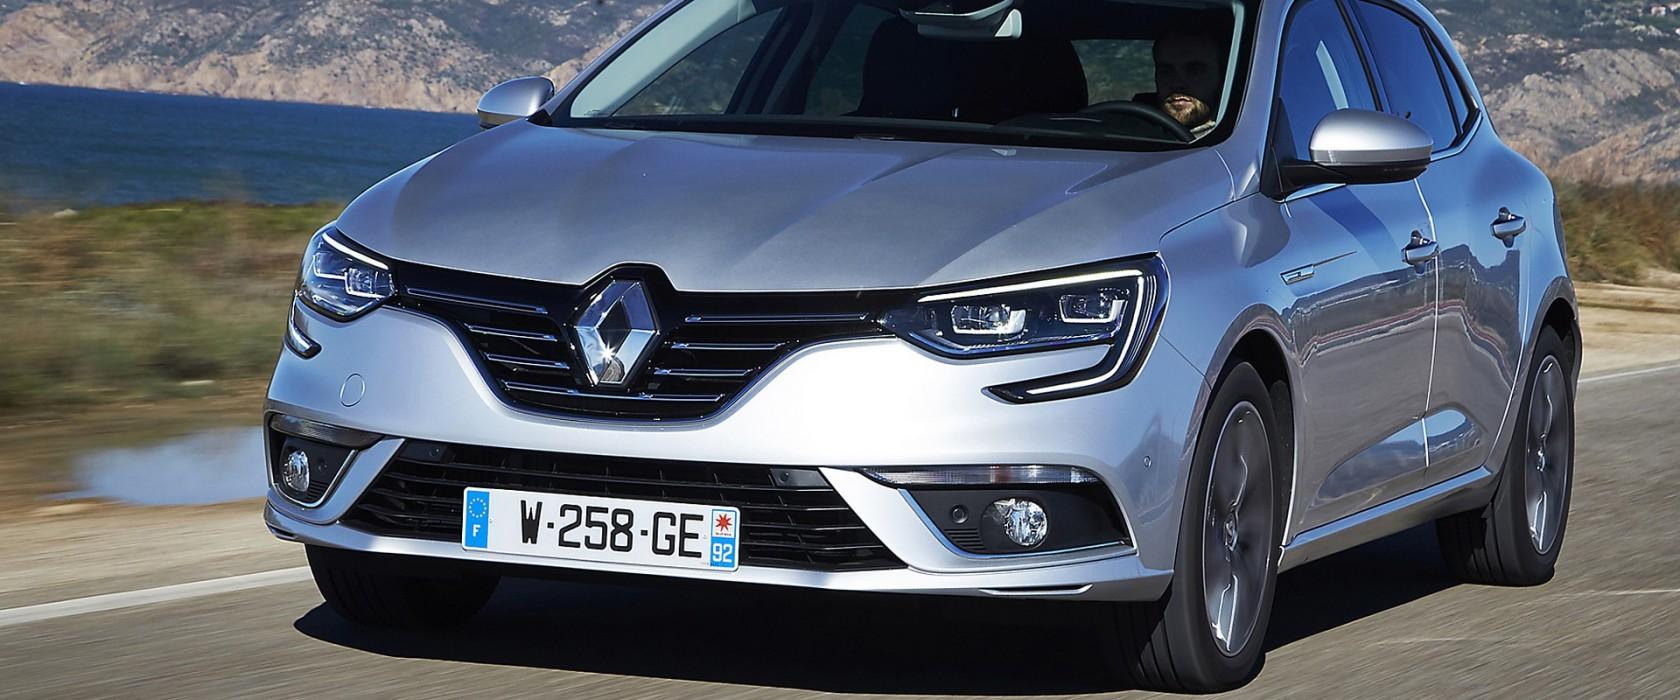 RenaultMegane-apertura